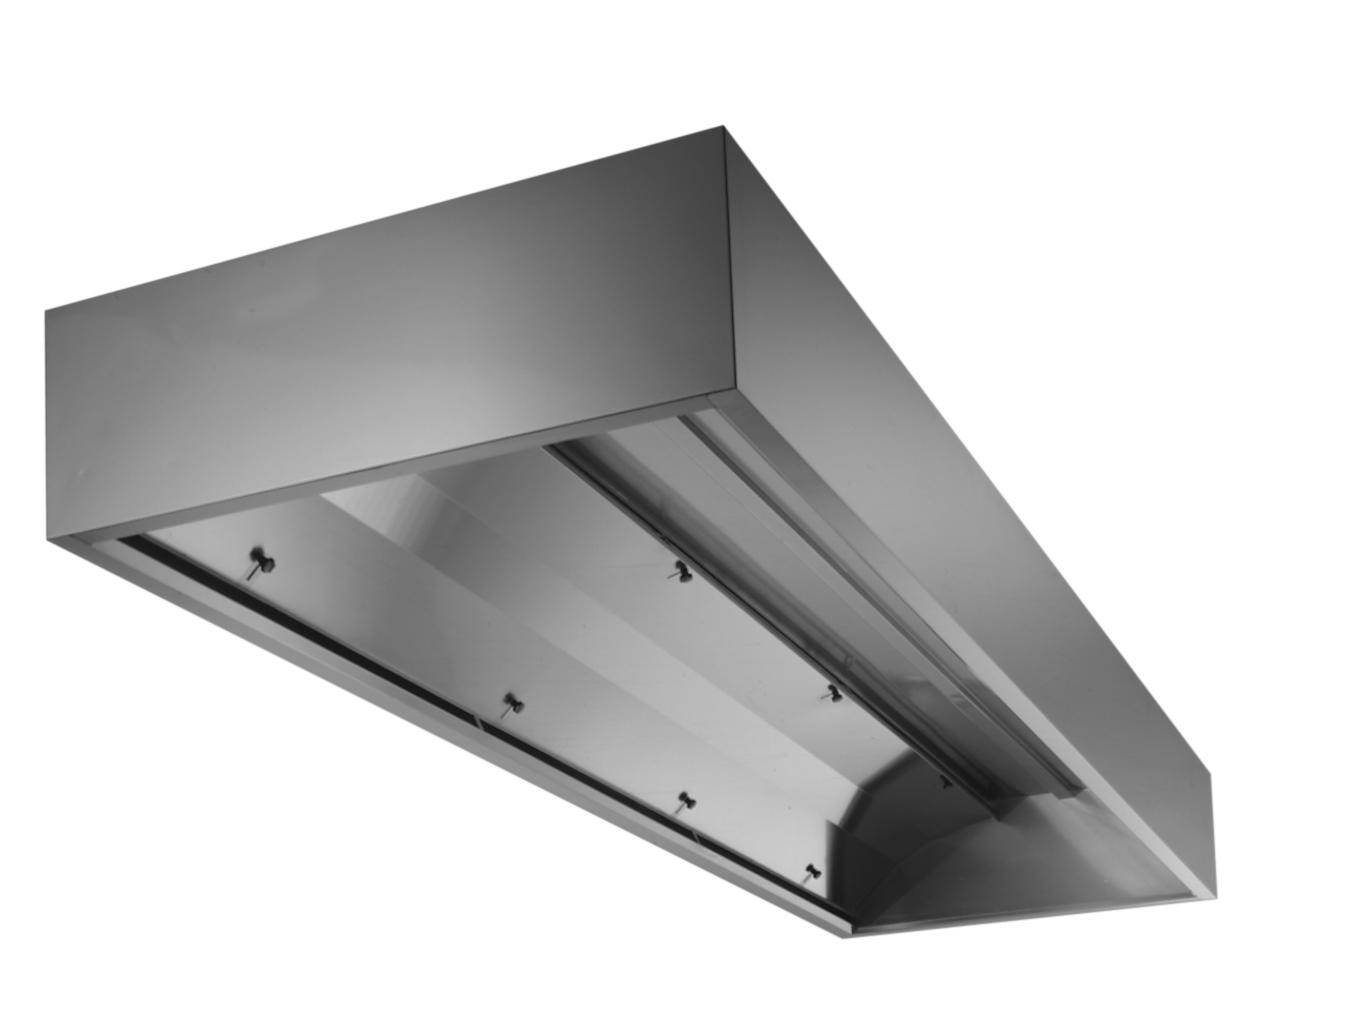 Electrolux DK emhætter – kondensskjold